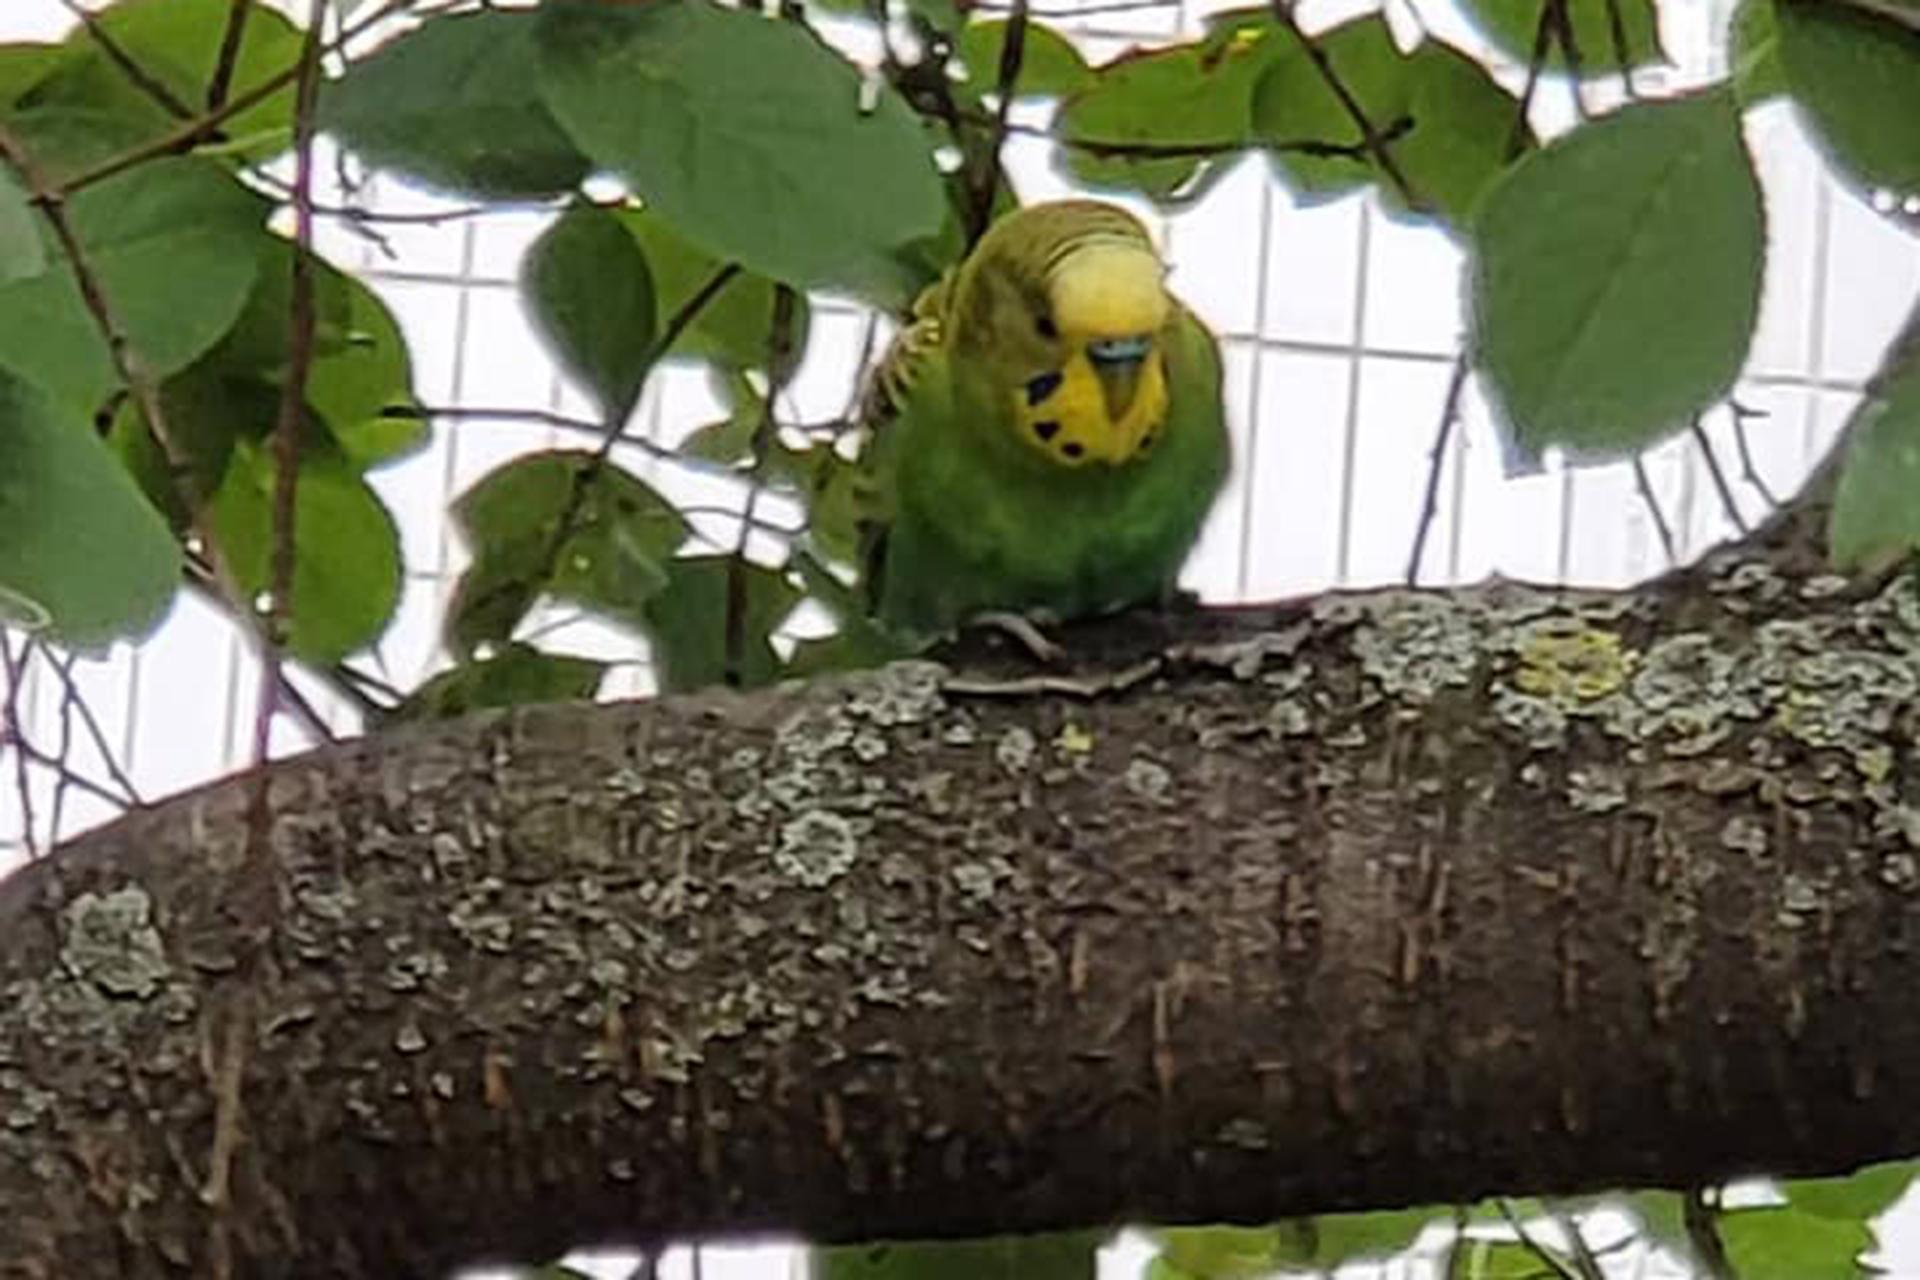 В Москве заметили прибившегося к стае воробьев попугая